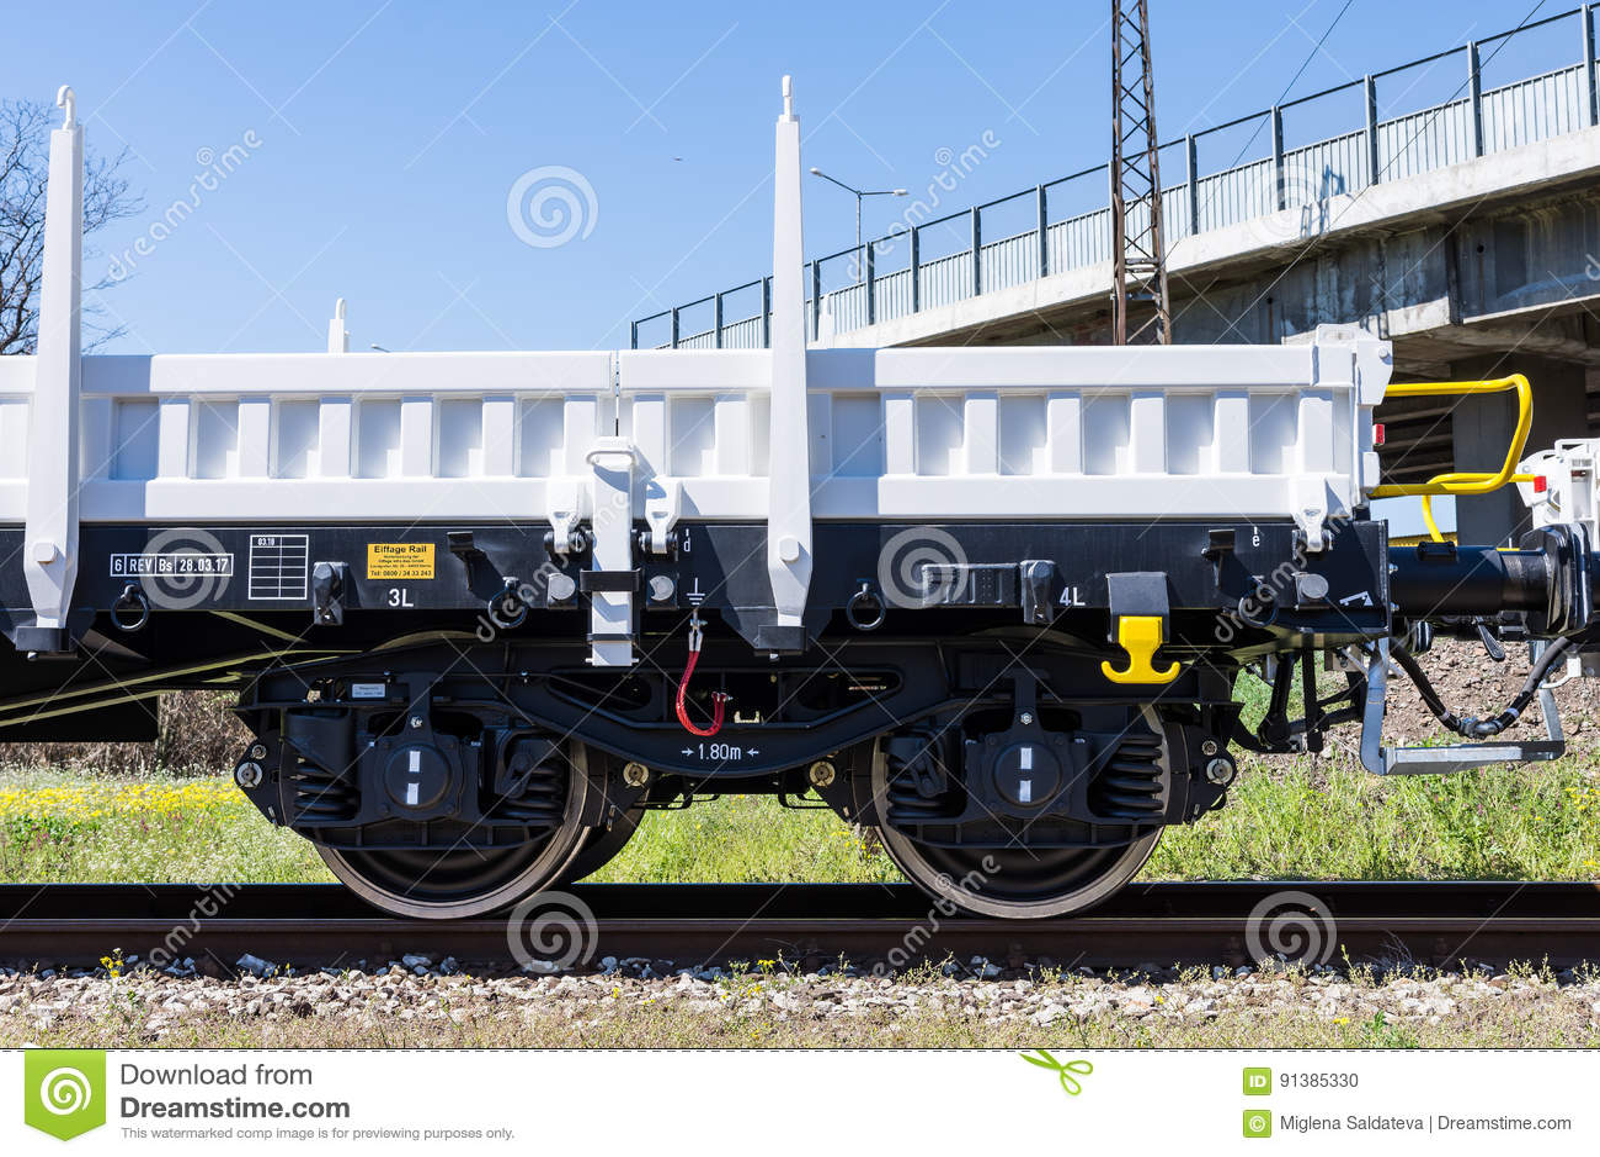 Burgas, Bulgarien - 20. März 2017 - Frachtgüterzug - flacher Lastwagen 4axled weiße Art: Rens Model: 192, B - Transvagon-ANZEIGE